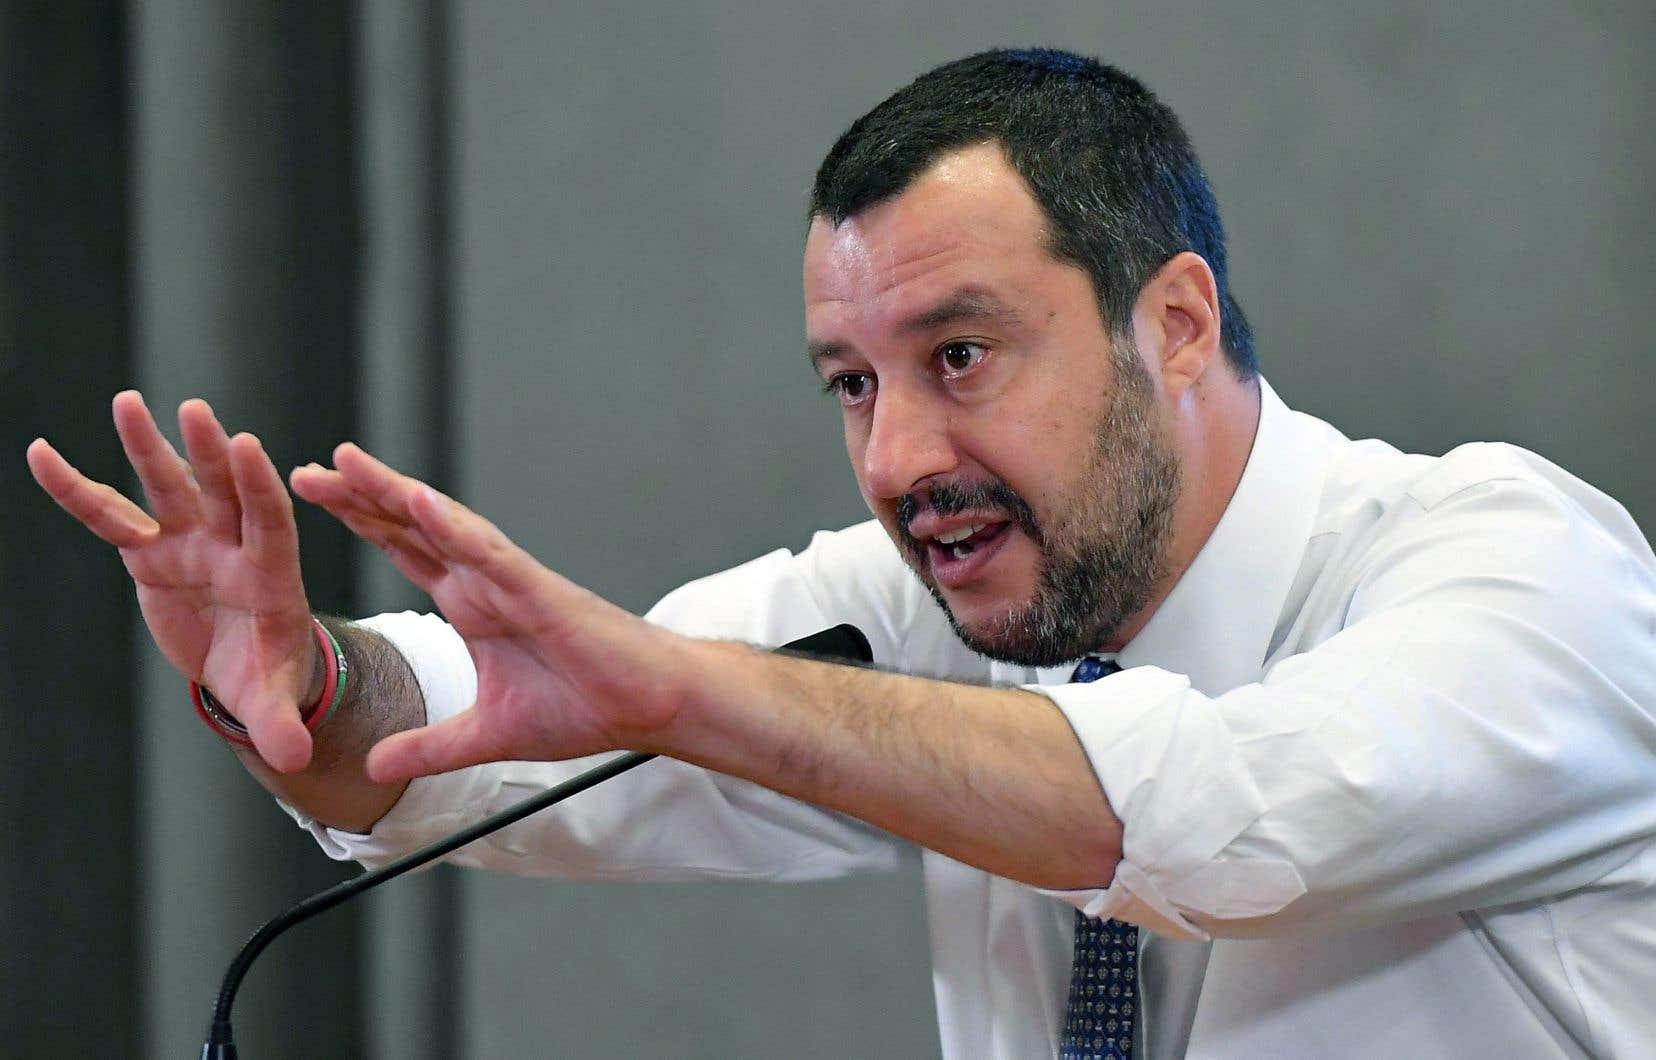 Le ministre italien de l'Intérieur, MatteoSalvini, a confirmé que le navire humanitaire «Lifeline» et les 234 migrants se trouvant à son bord ne seraient pas autorisés à accoster en Italie.